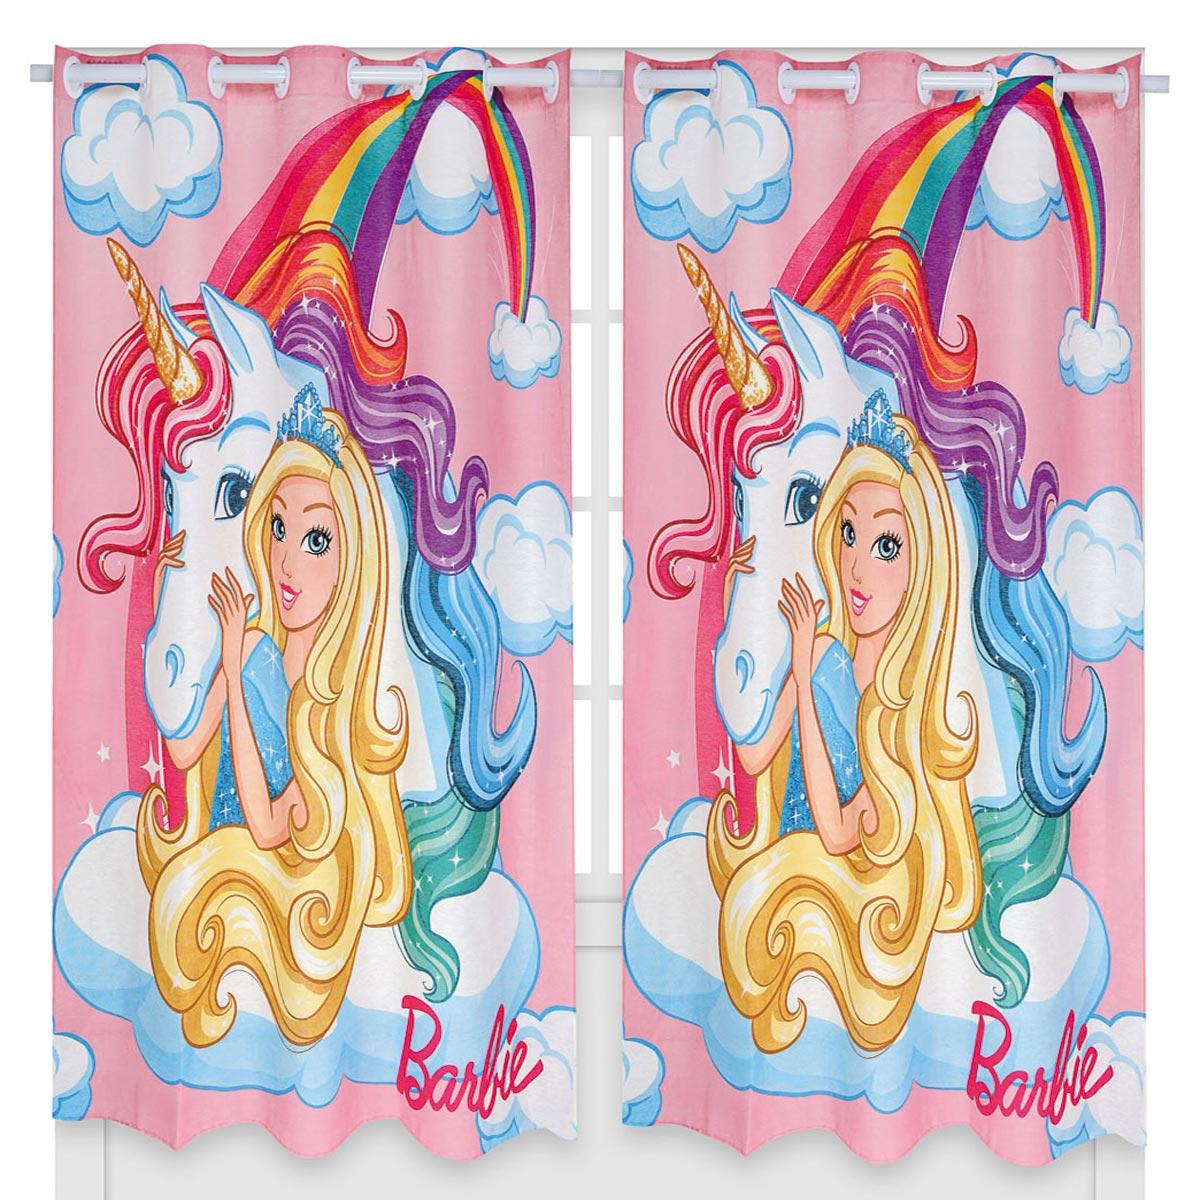 Kit Infantil Barbie Edredom + Cortina + Jogo De Lençol Lepper